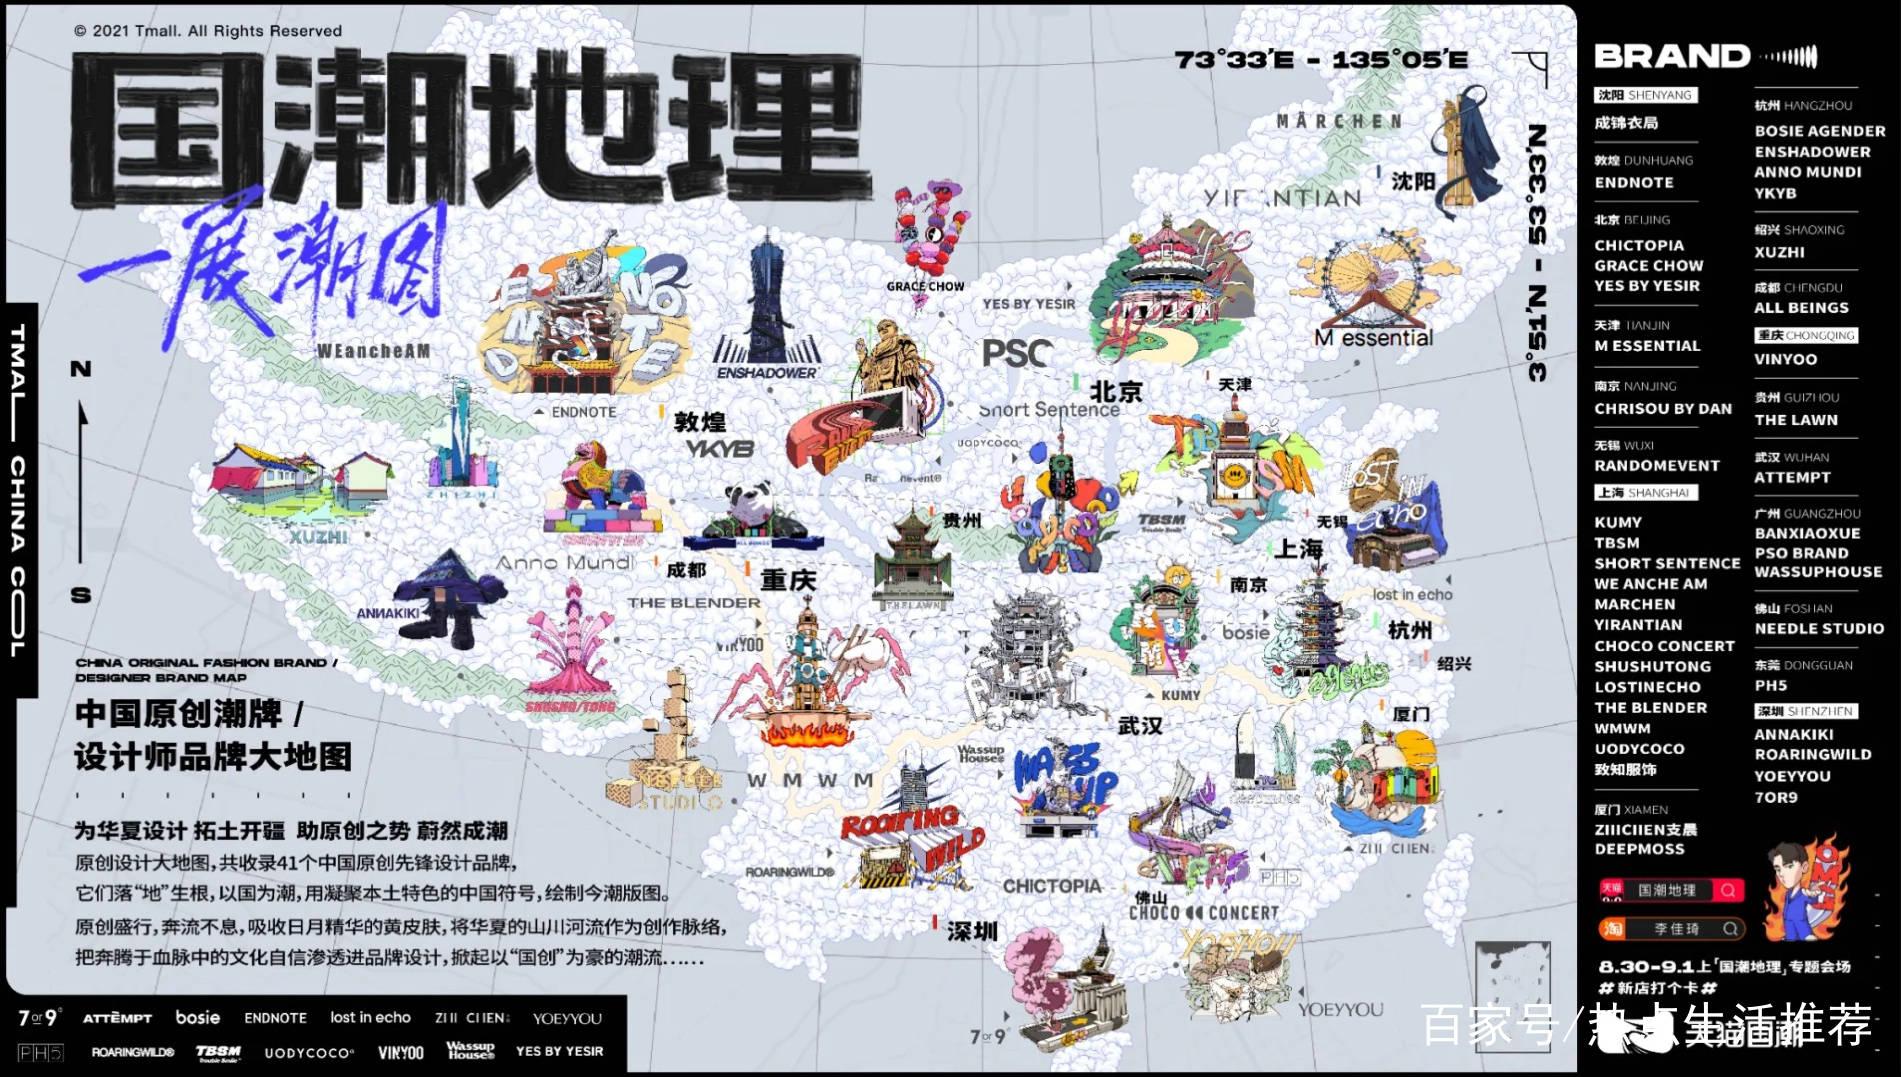 《国潮地理》深挖中国品牌故事,天猫国潮持续激活中国原创动力